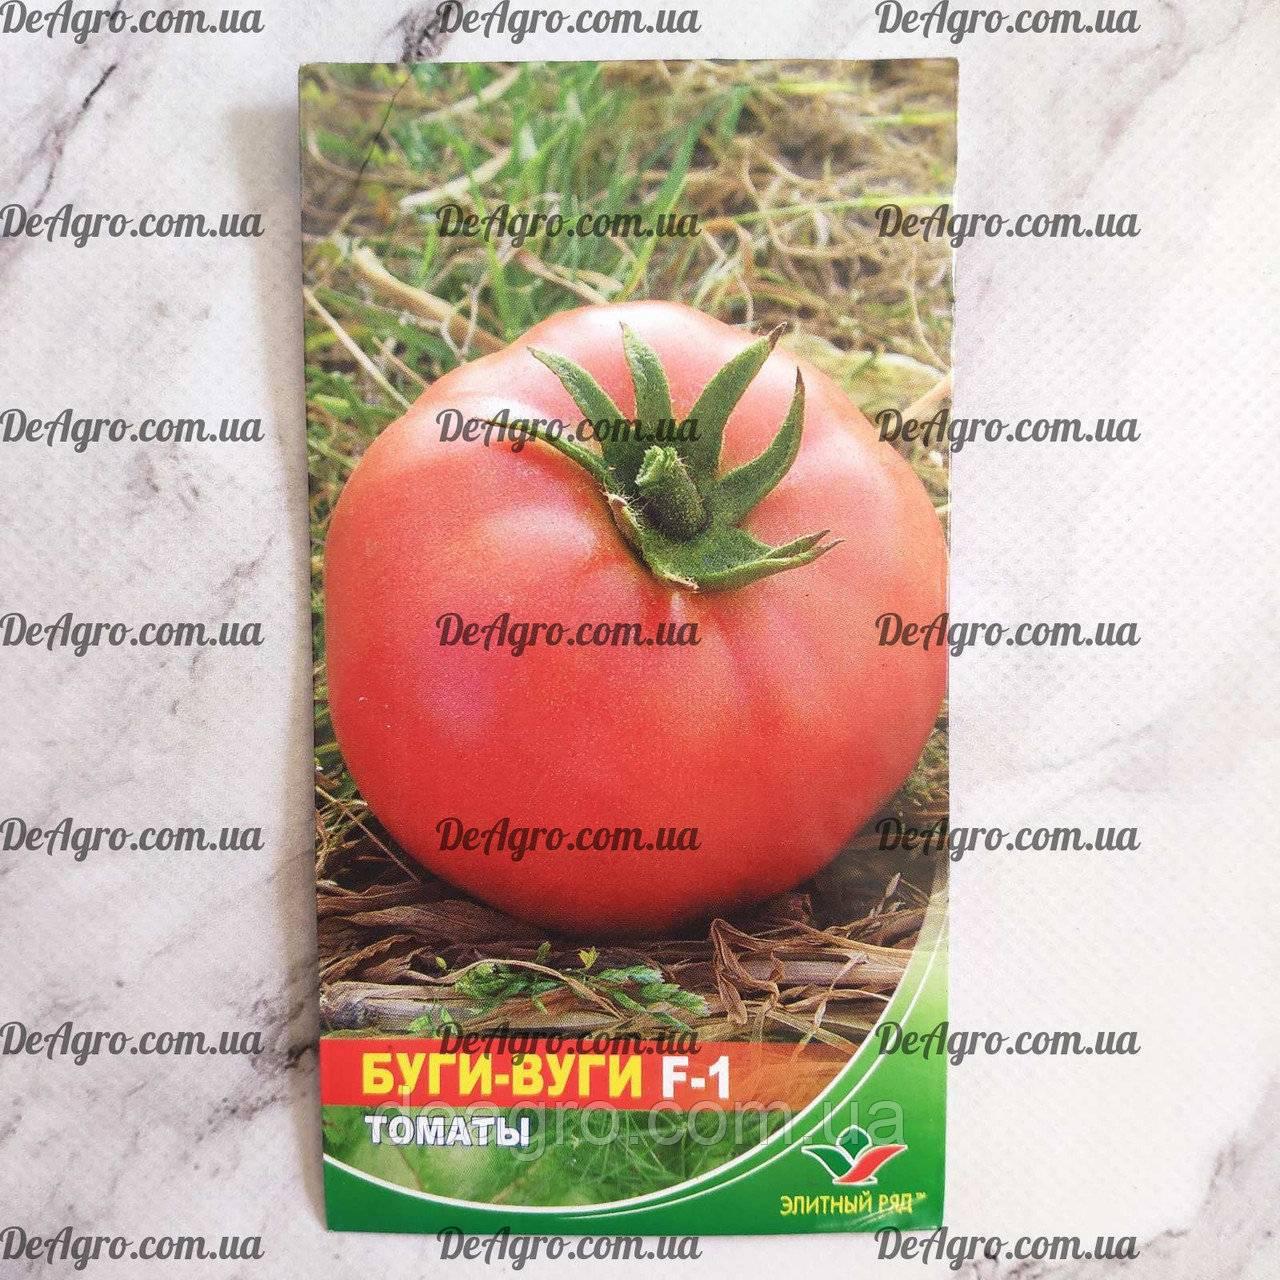 Томат «буги вуги» f1: описание, фото и характеристики помидора (высота куста, размер плода, урожайность и д.р.)